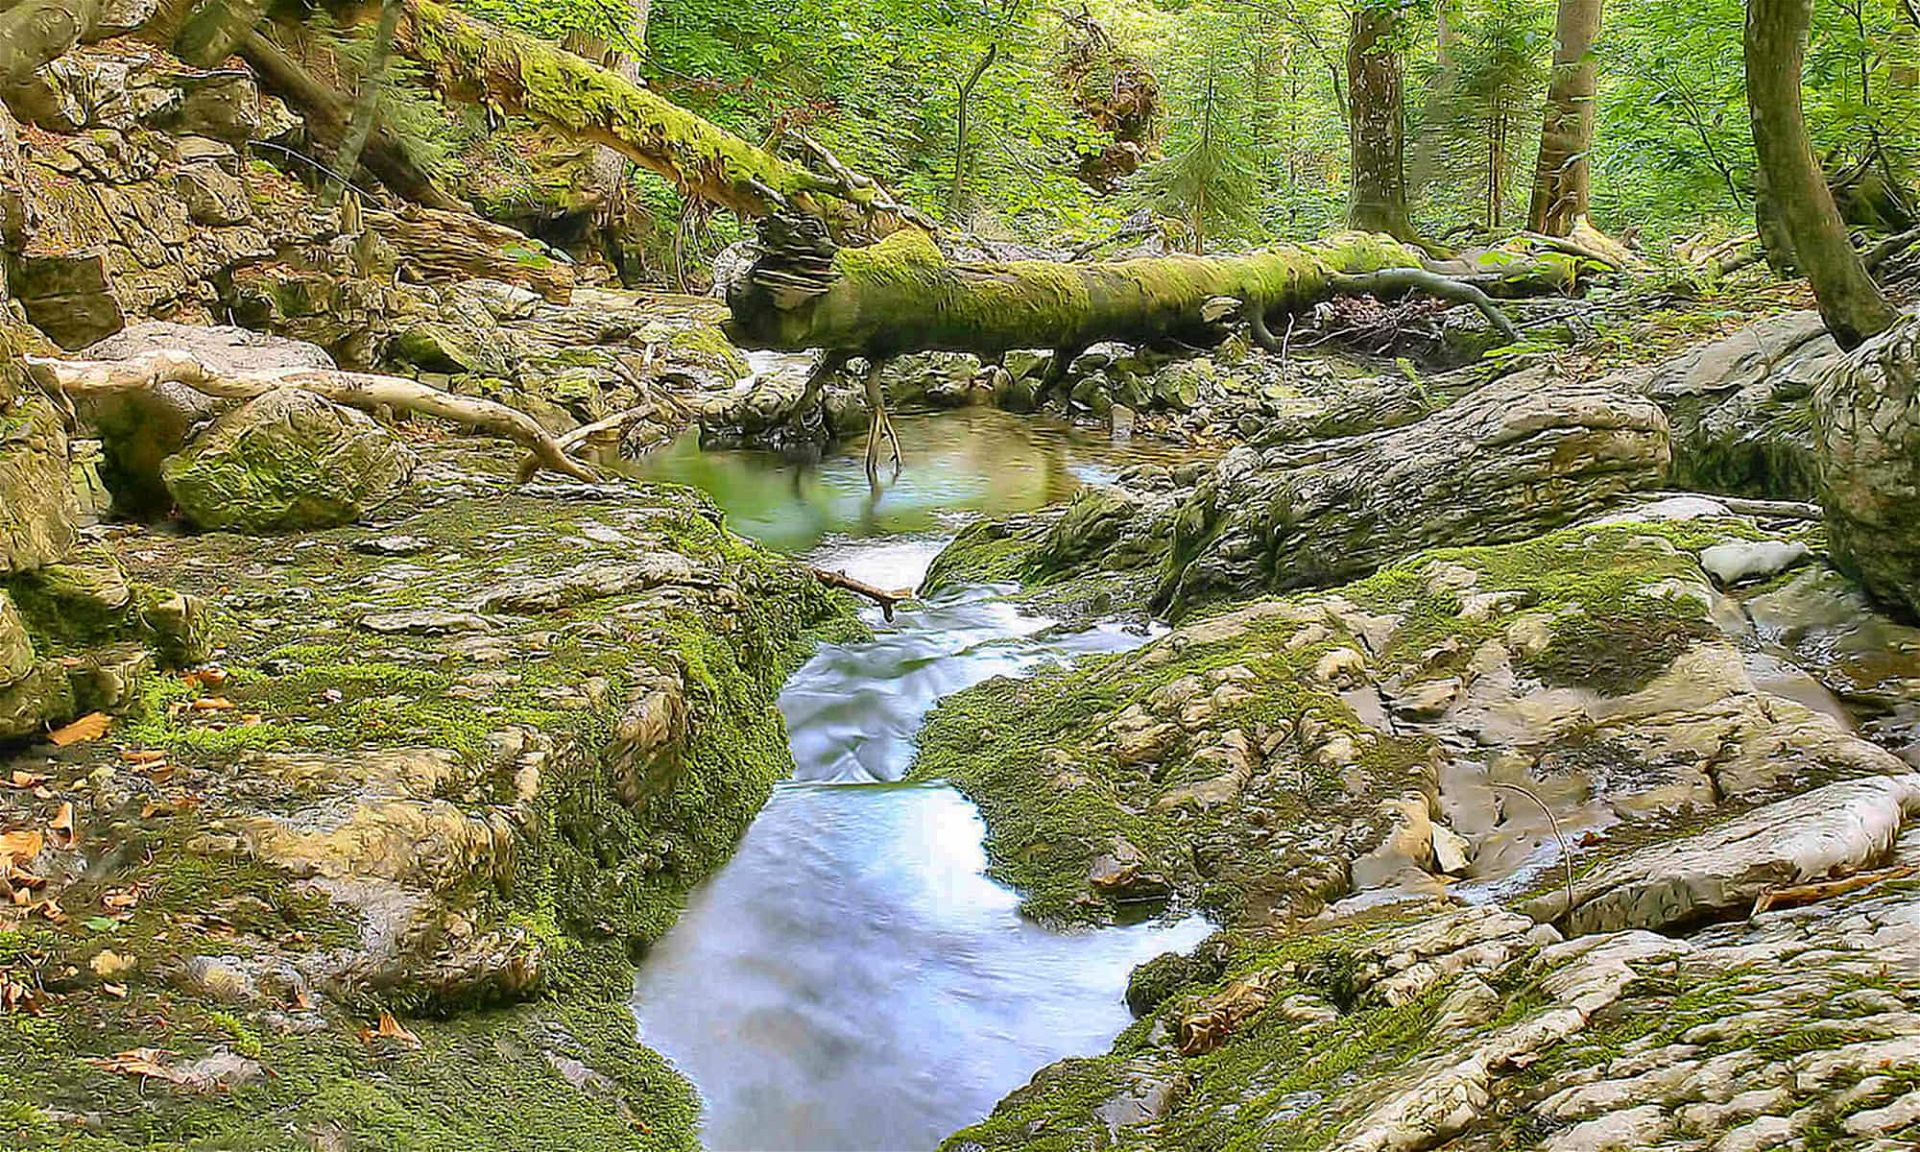 Bach im Rothwald, Wildnisgebiet Dürrenstein